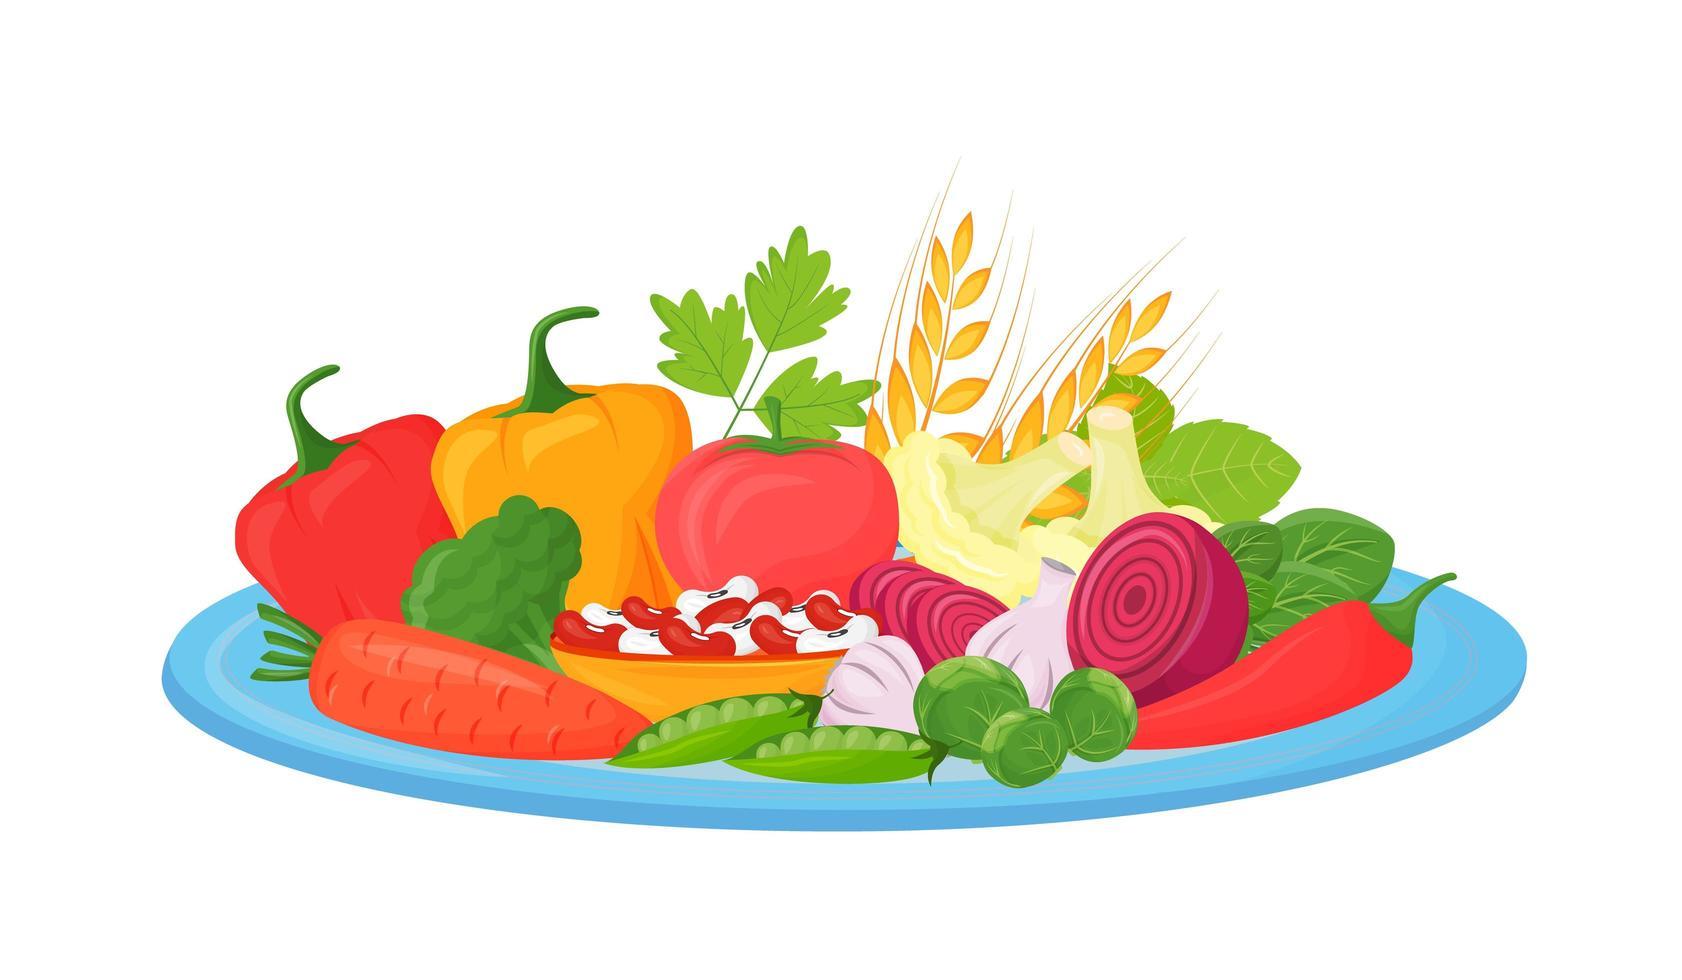 légumes crus sur assiette vecteur